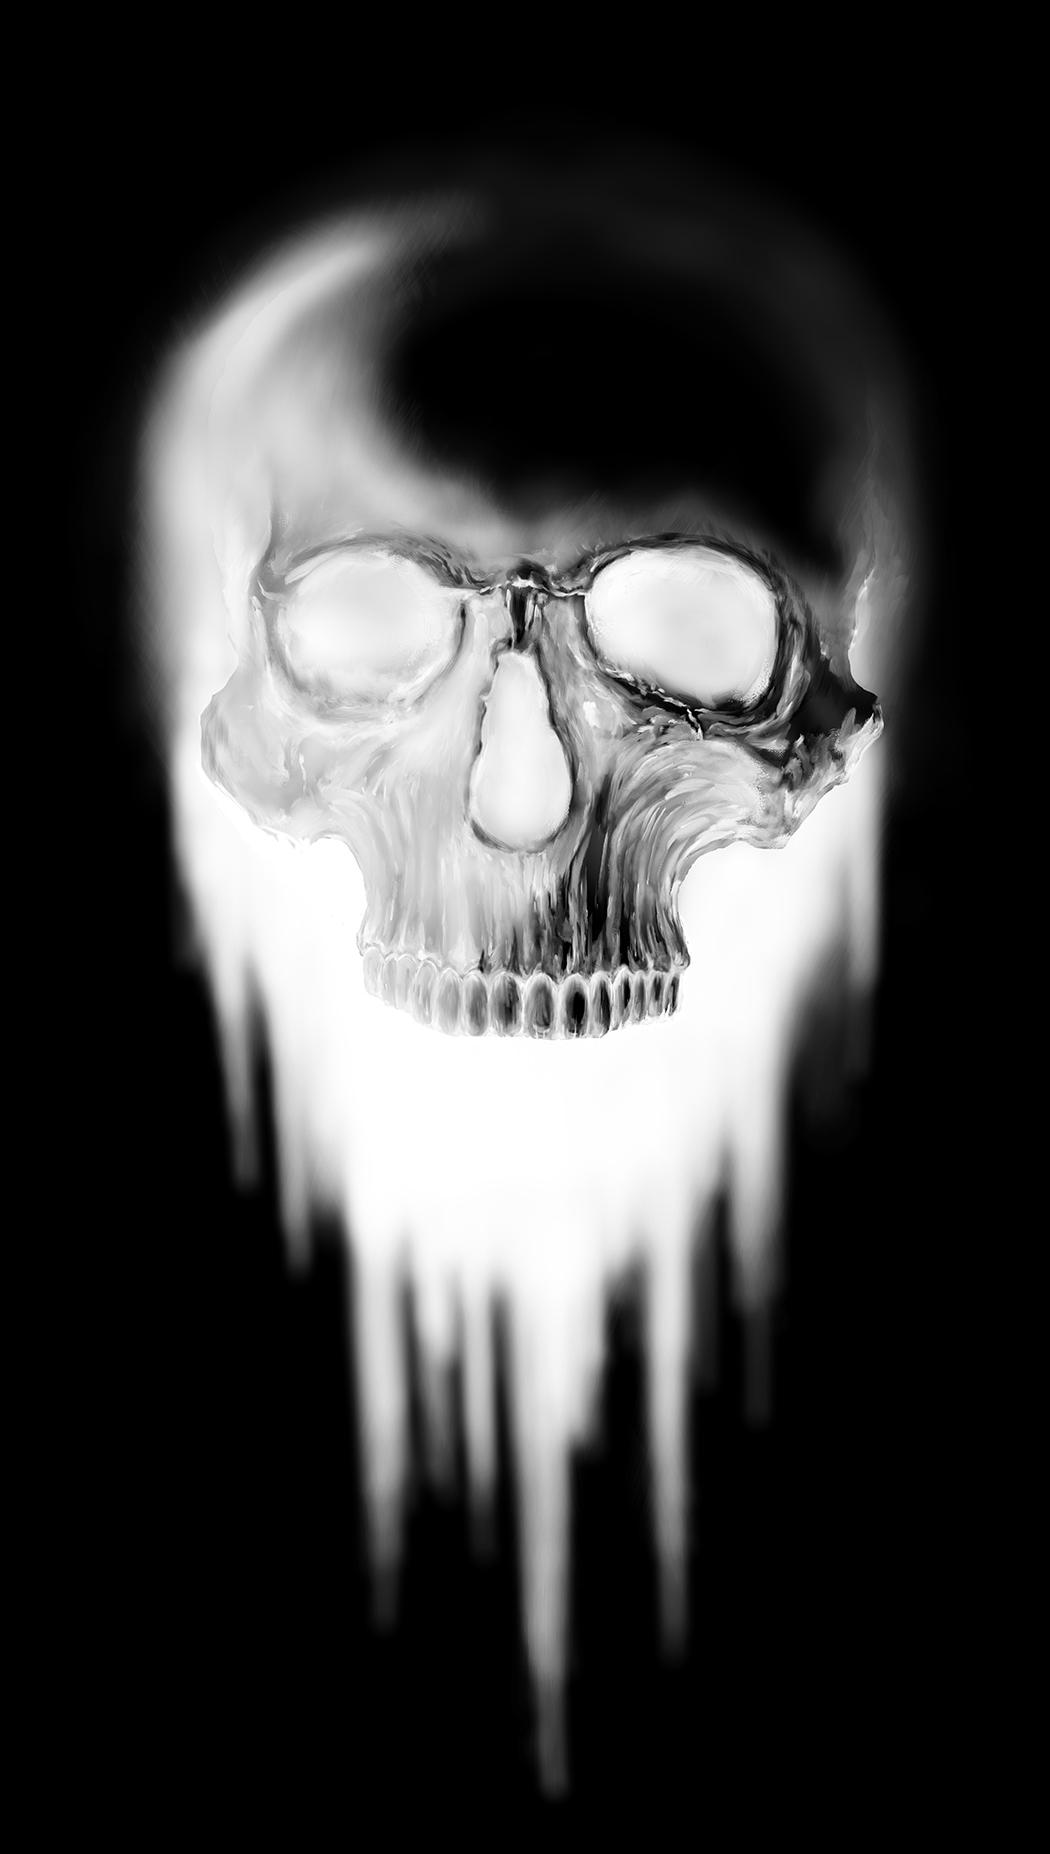 Skull inverted 2